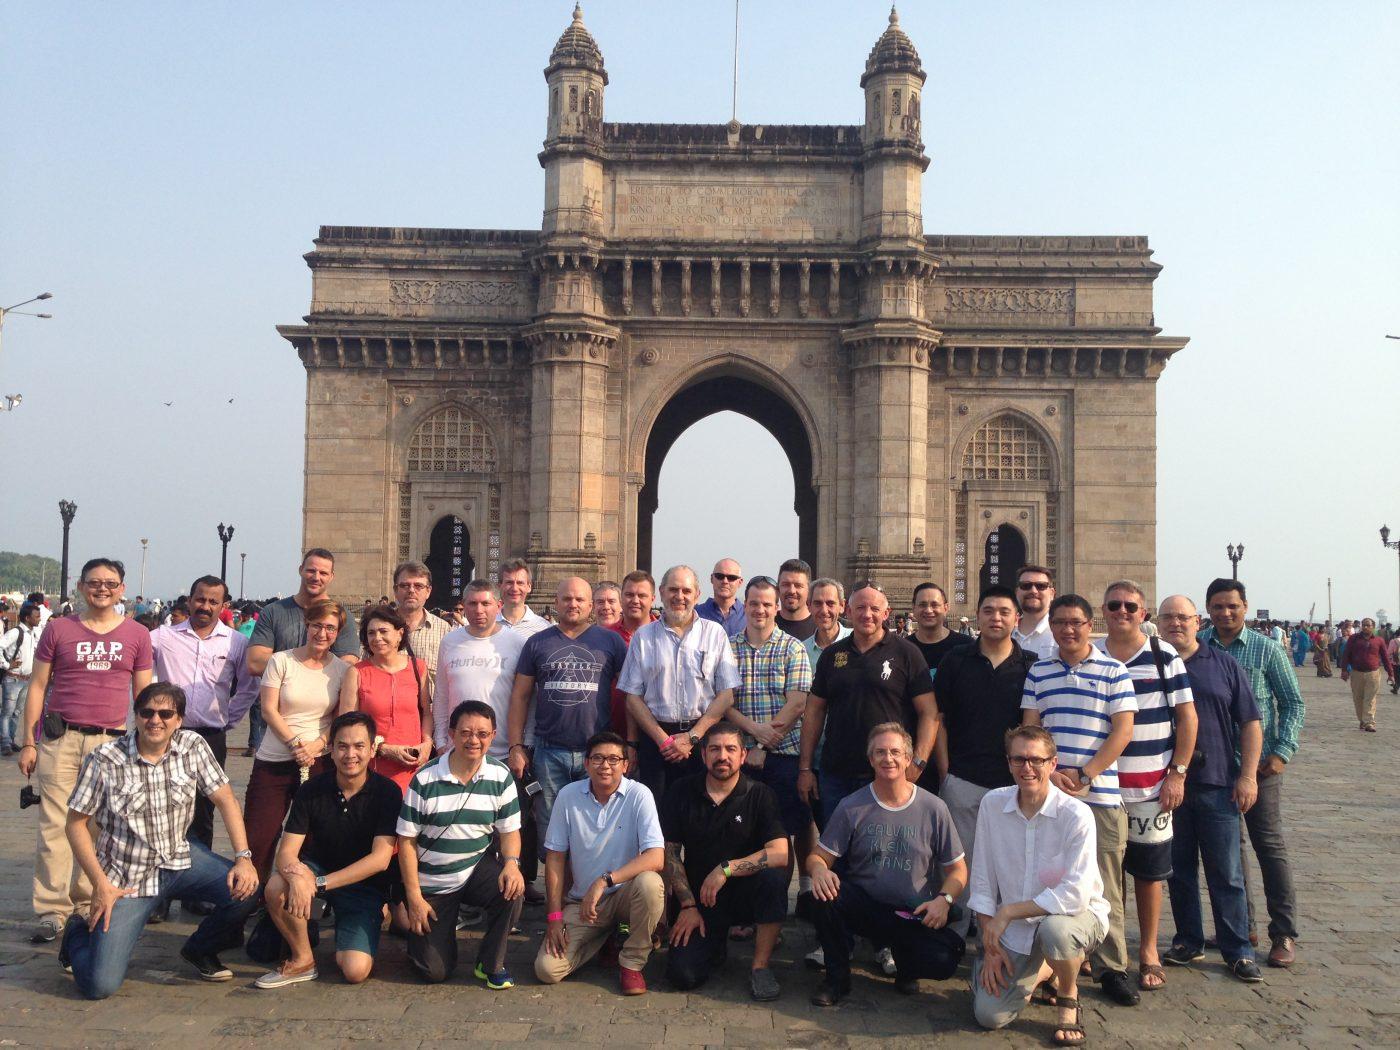 Global Presence Alliance, pro AV industry